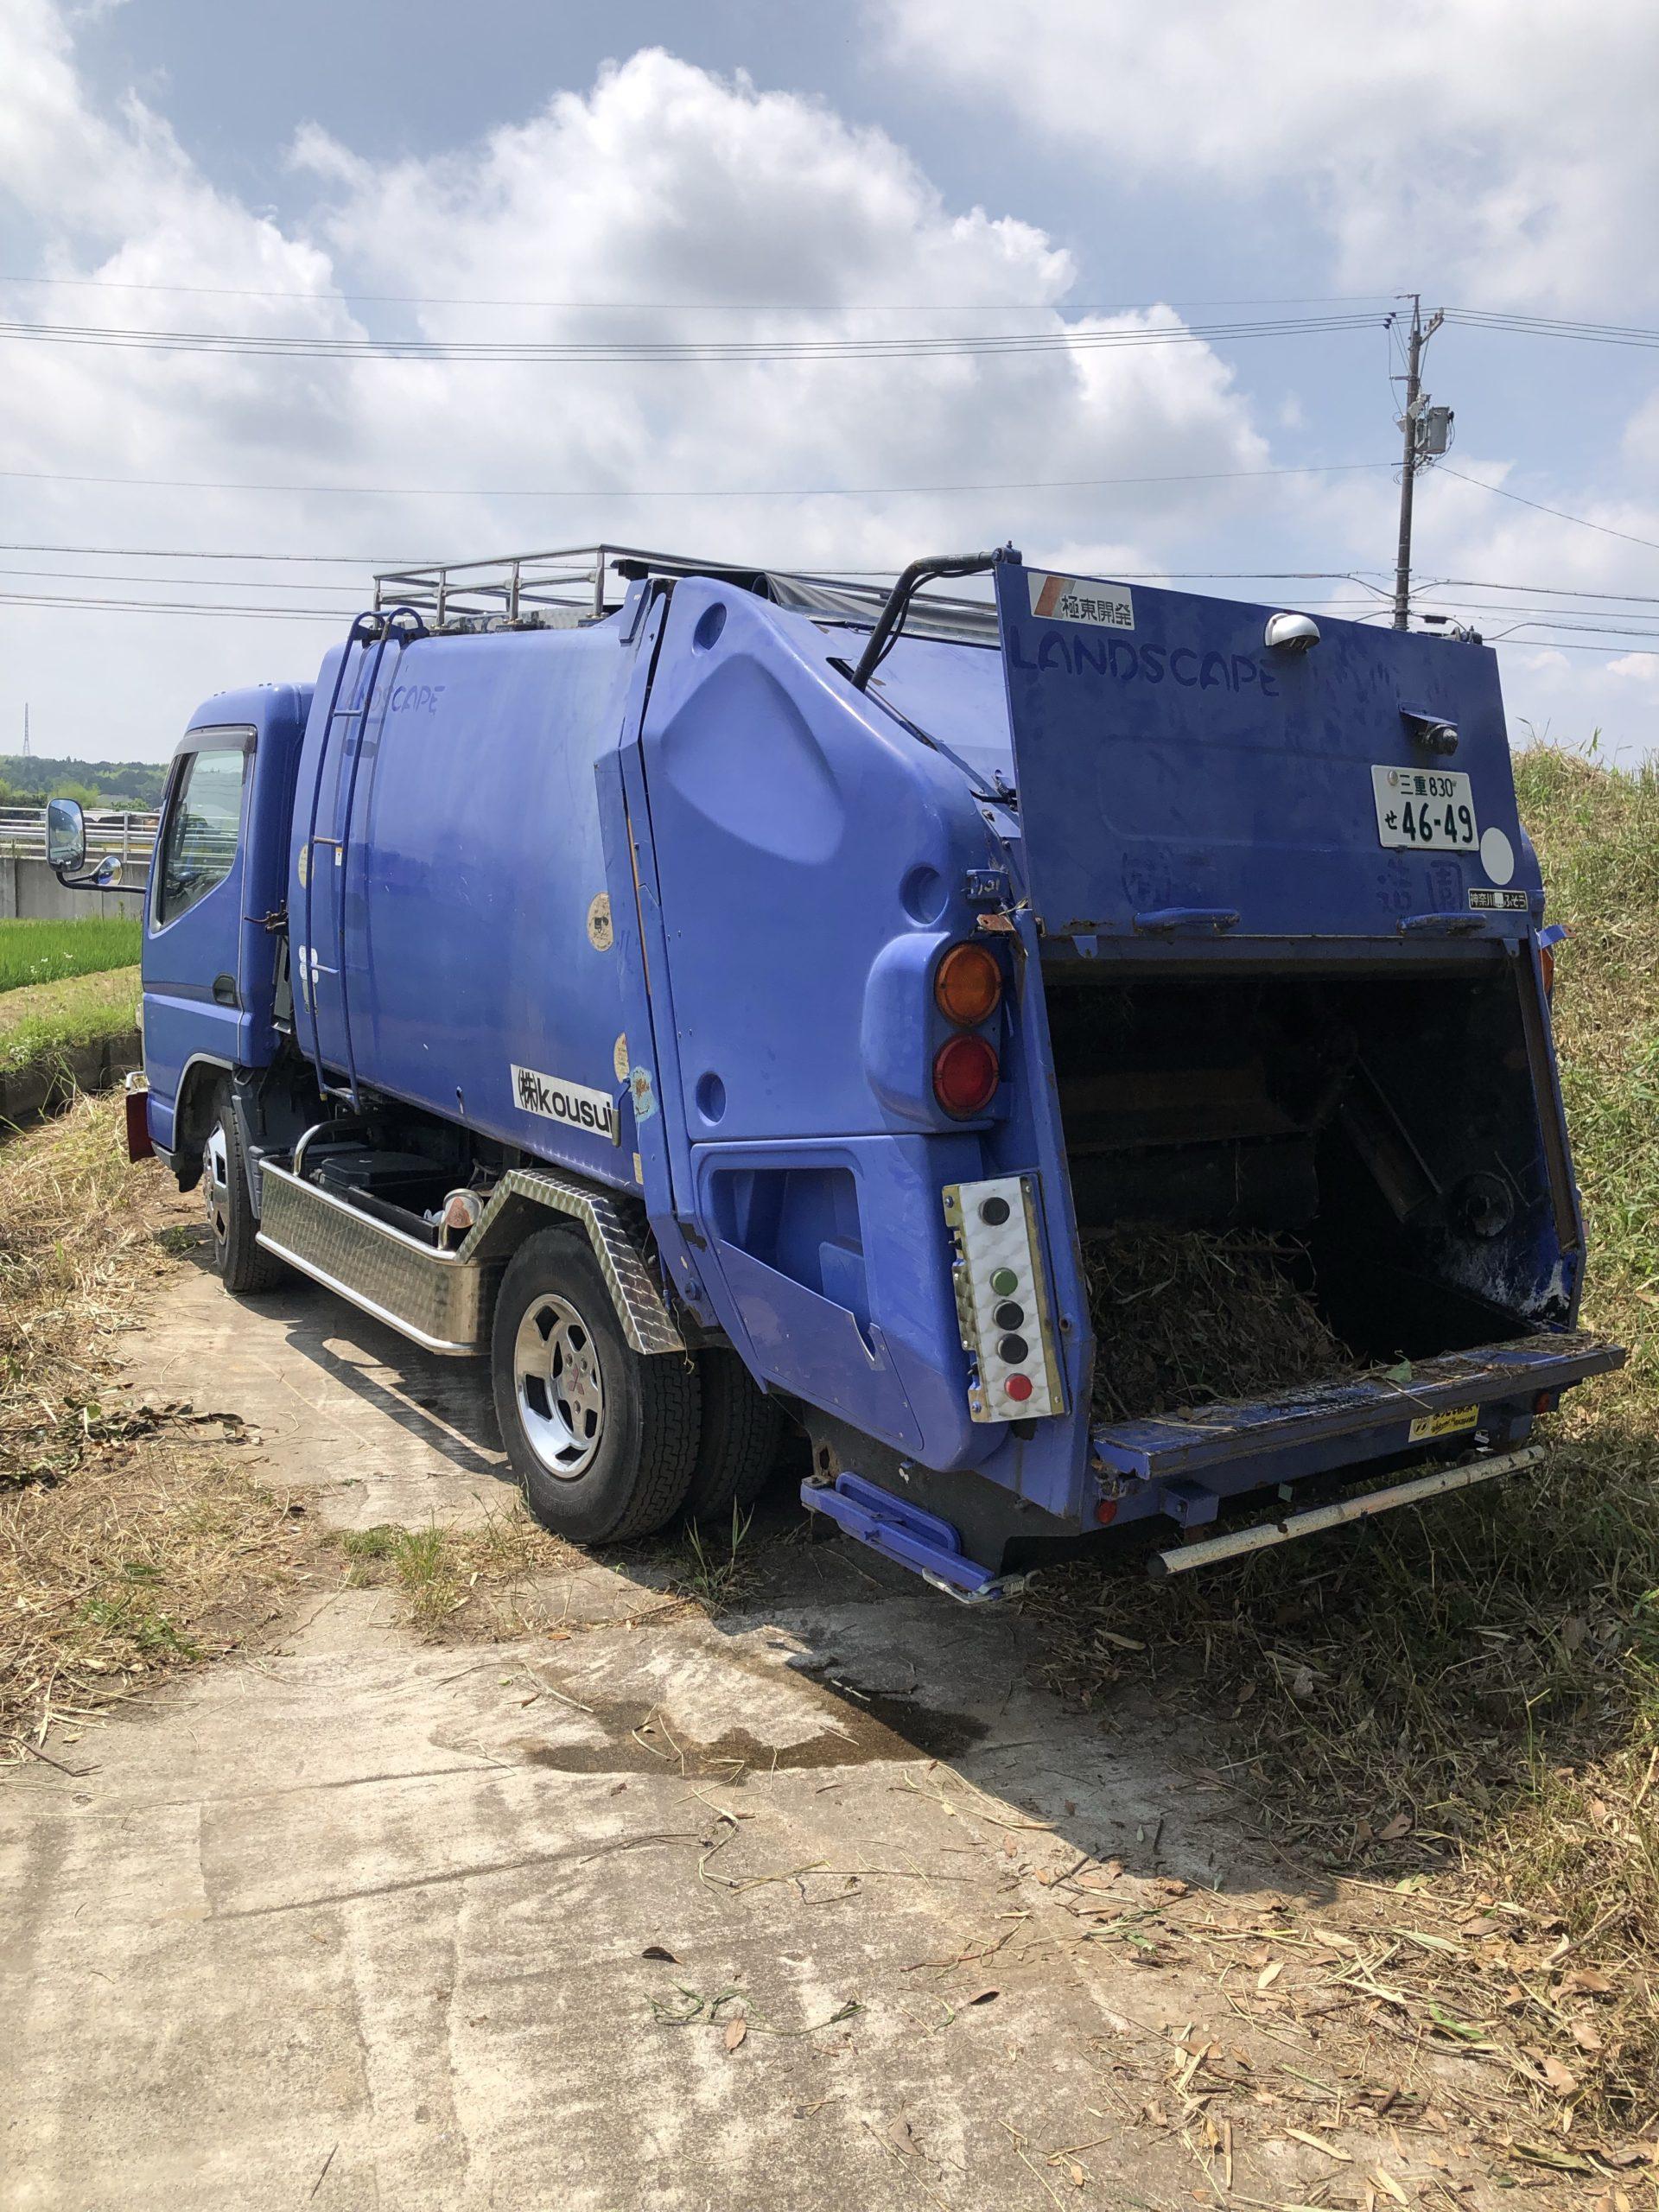 三重県津市や亀山市で不用品回収や処分のご相談。遺品整理や生前整理、家屋解体工事の見積り業者なら株式会社kousui